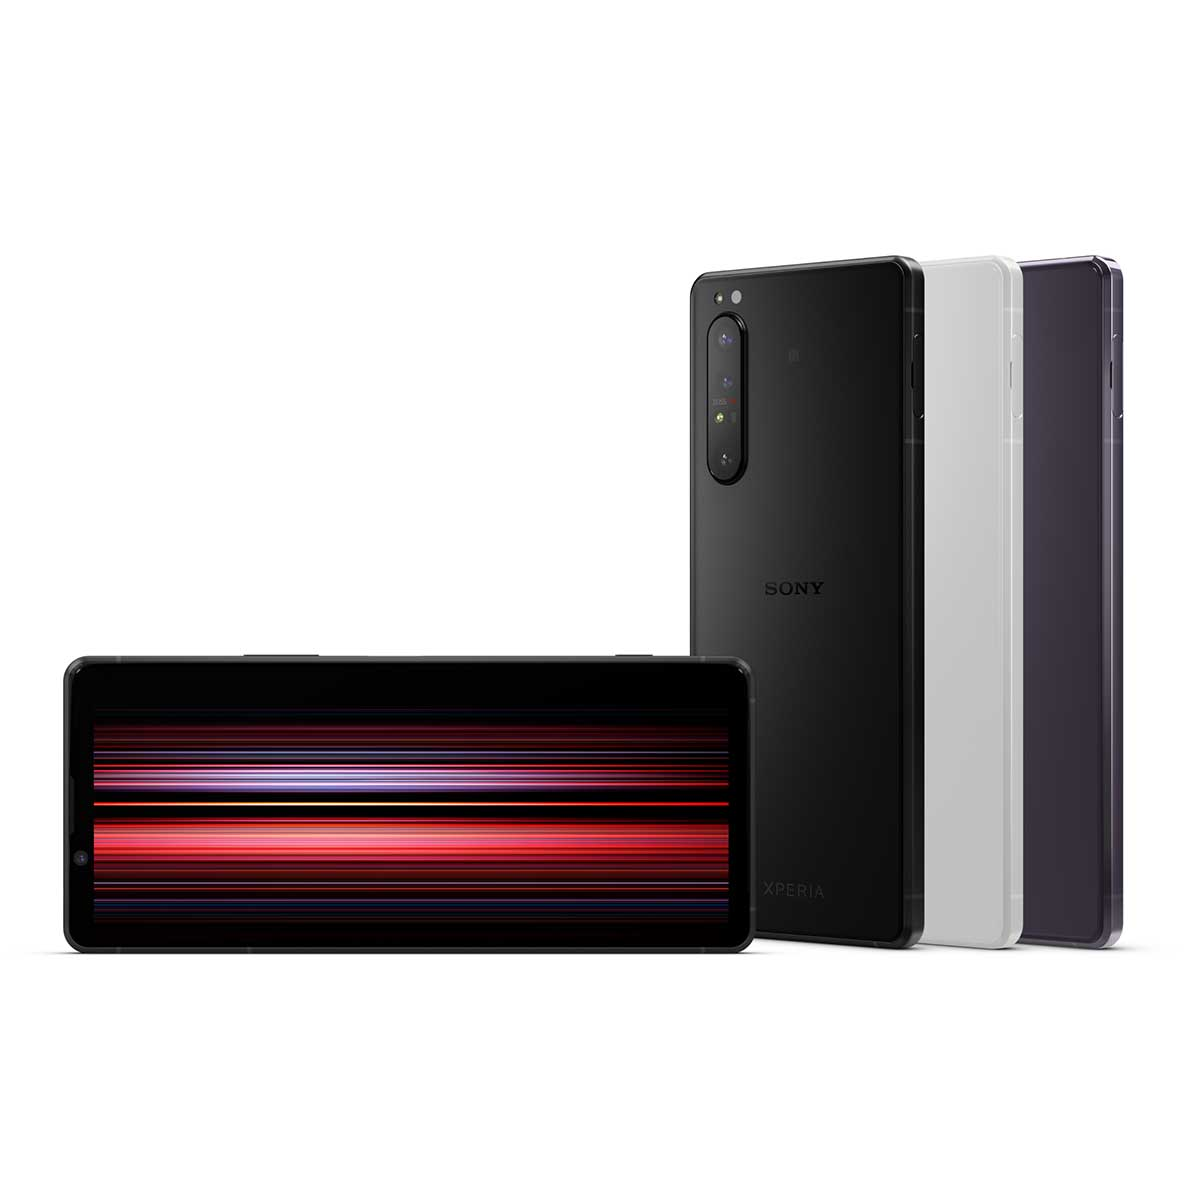 【今週発売の注目製品】ソニーから、デュアルSIMに対応した「Xperia 1 II」SIMフリー版が発売